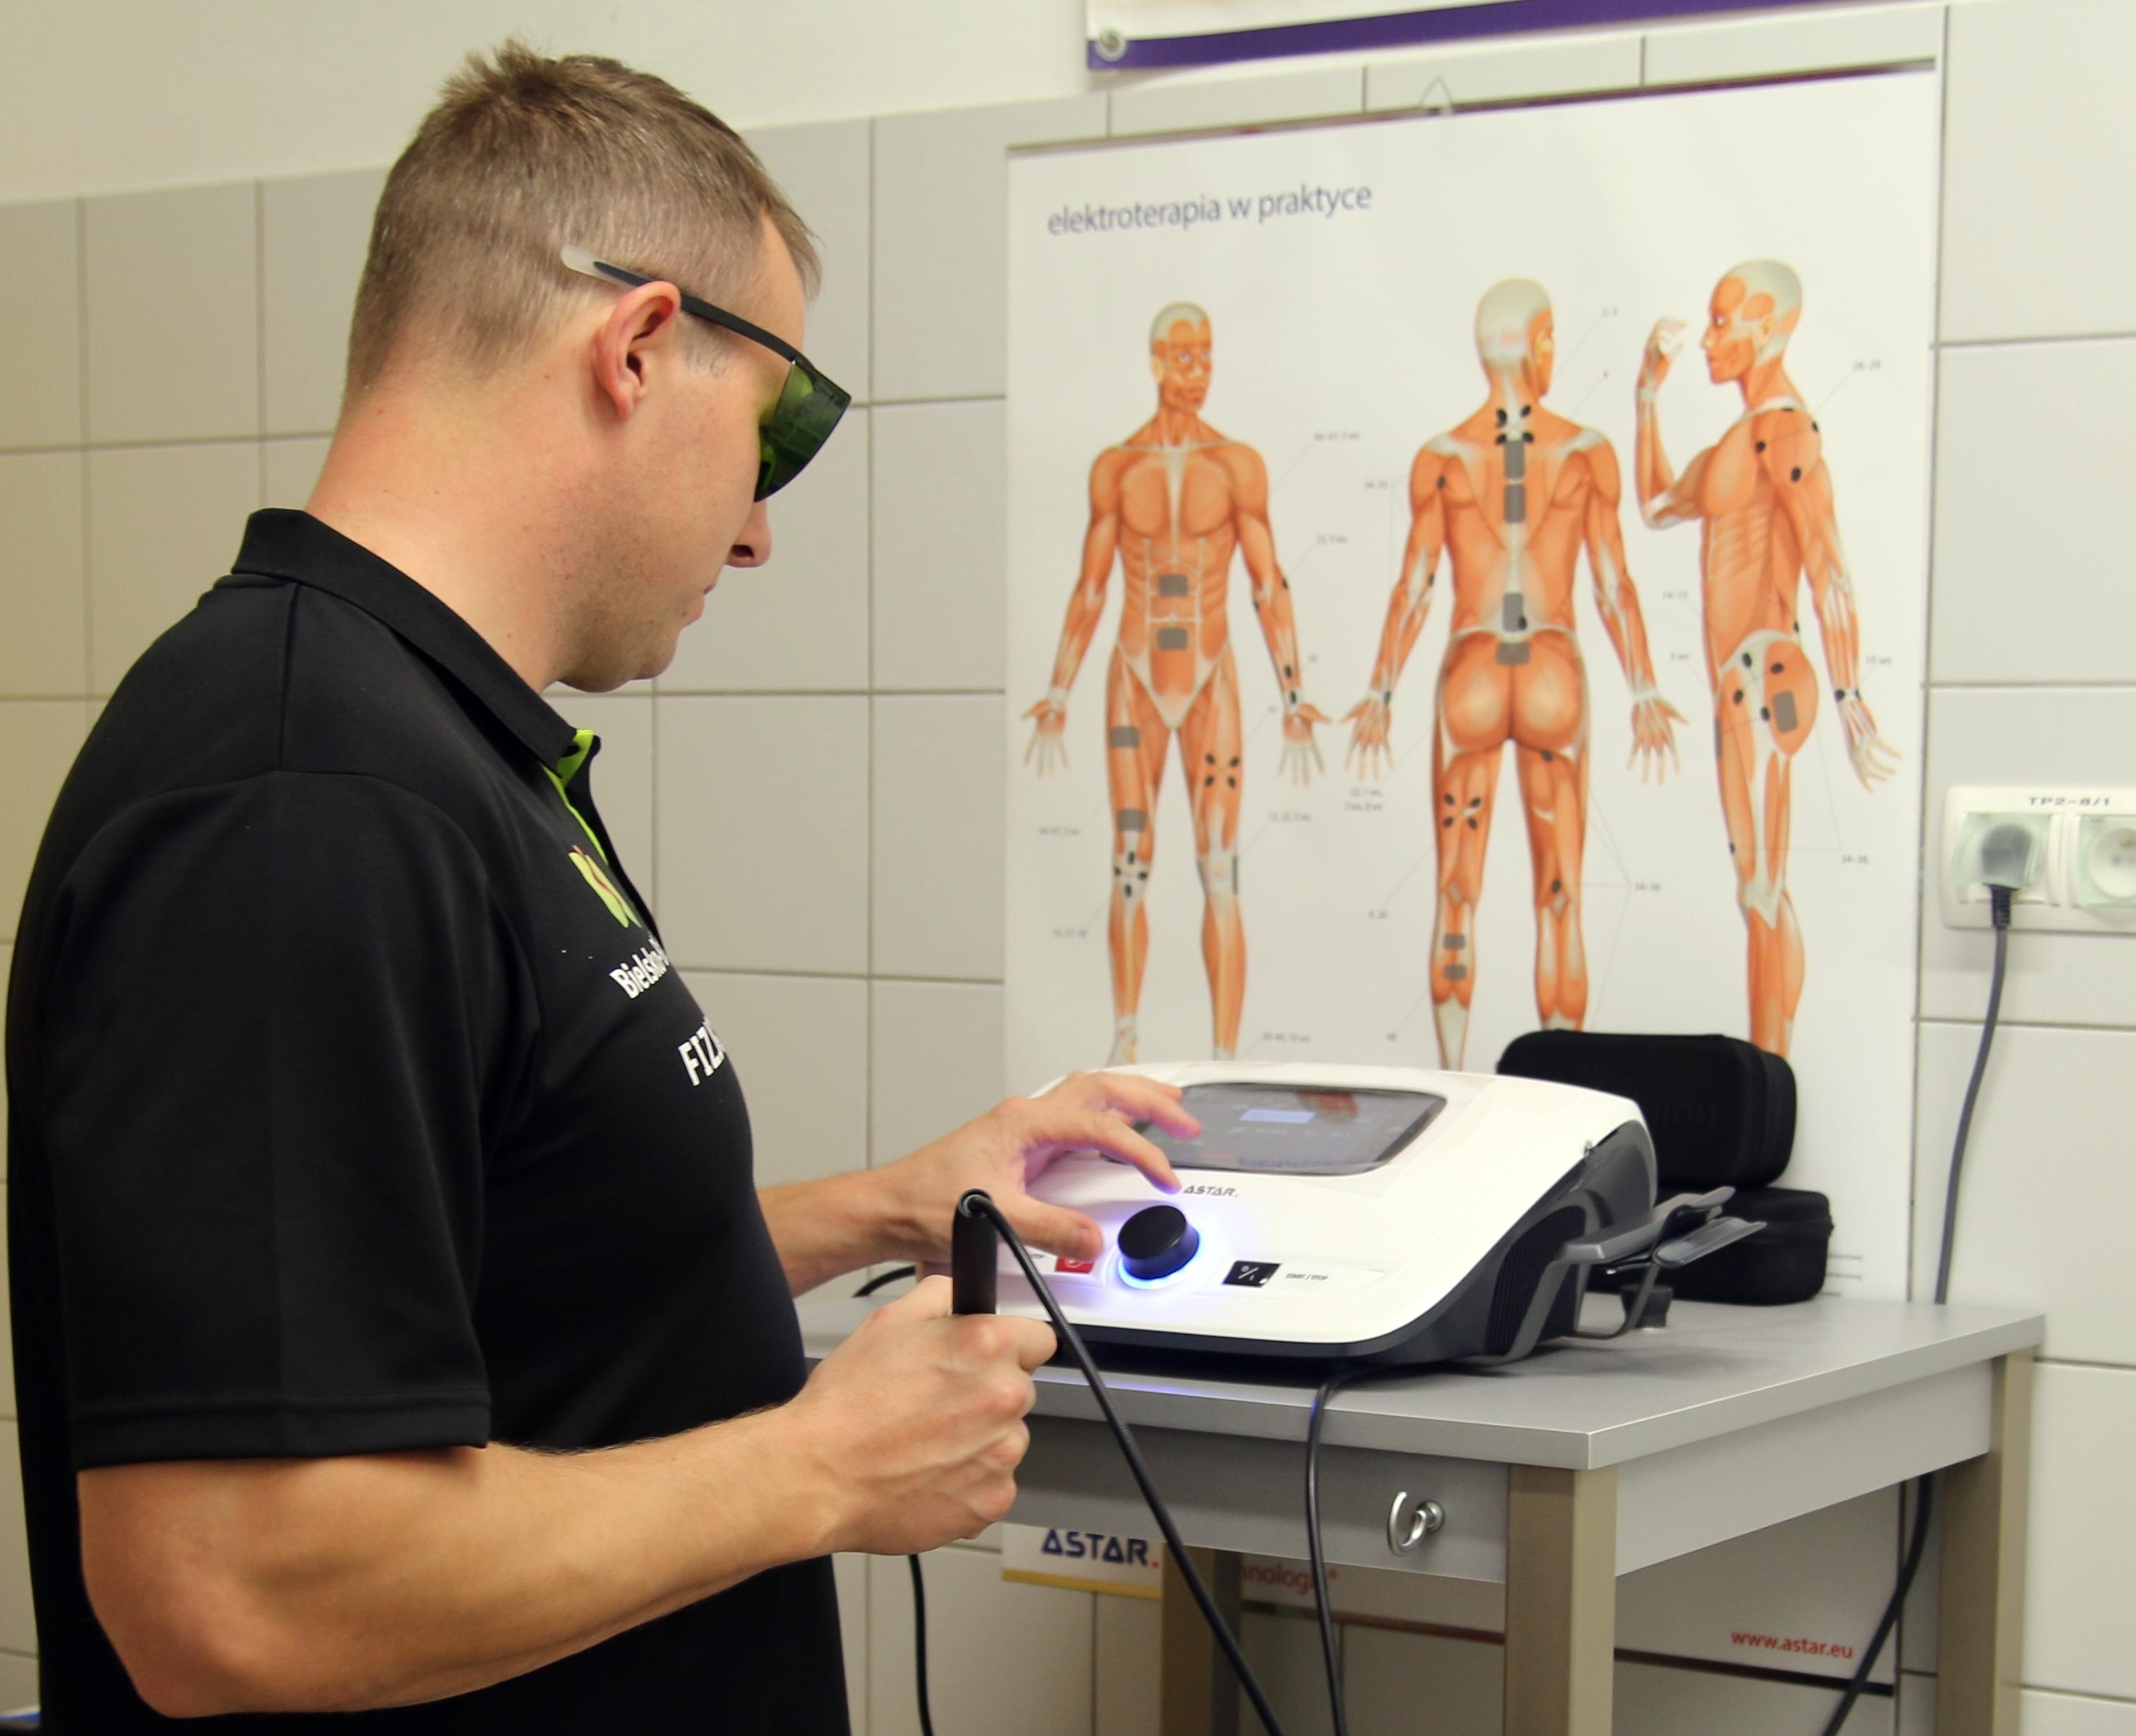 uraz stawu skokowego - laseroterapia wysokoenergetyczna